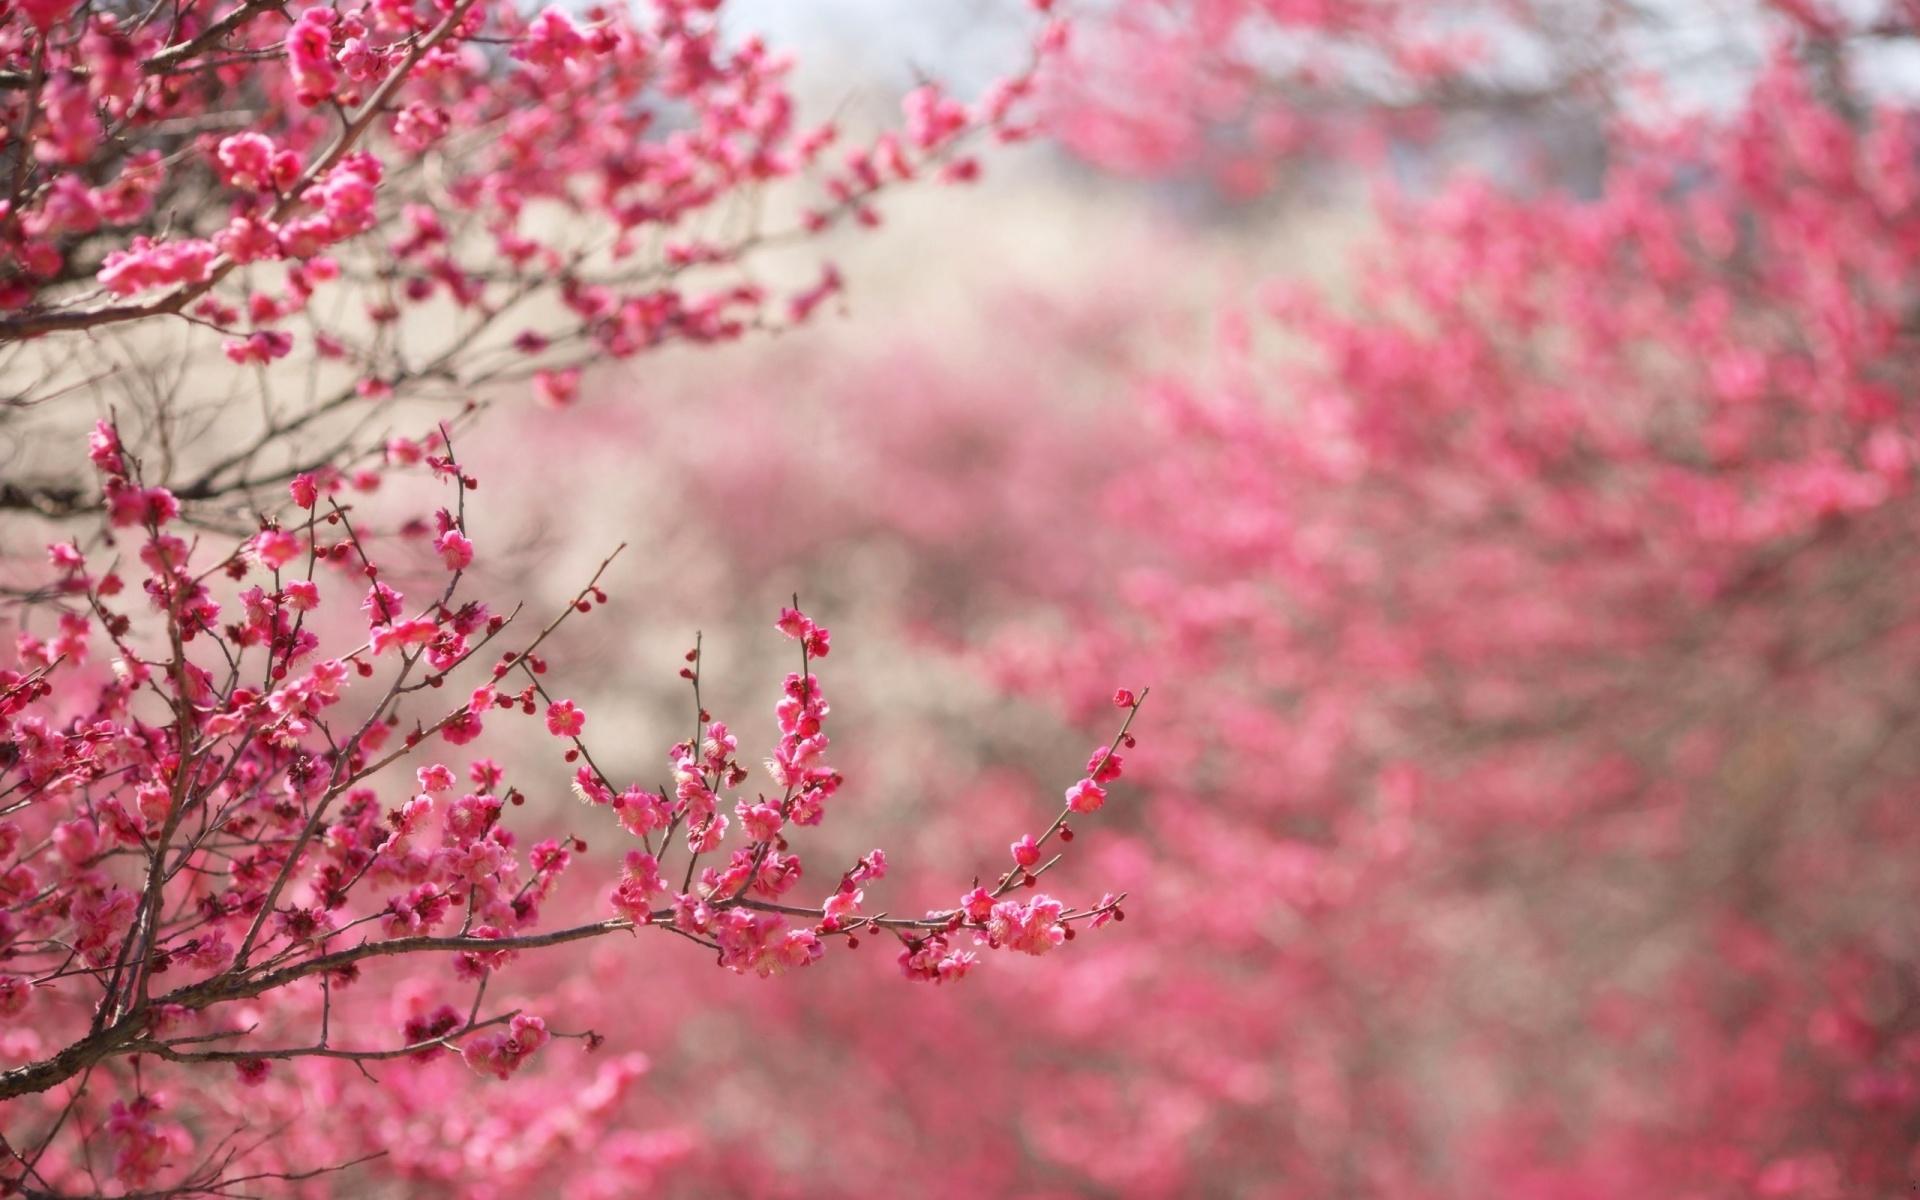 flower wallpaper tumblr 6